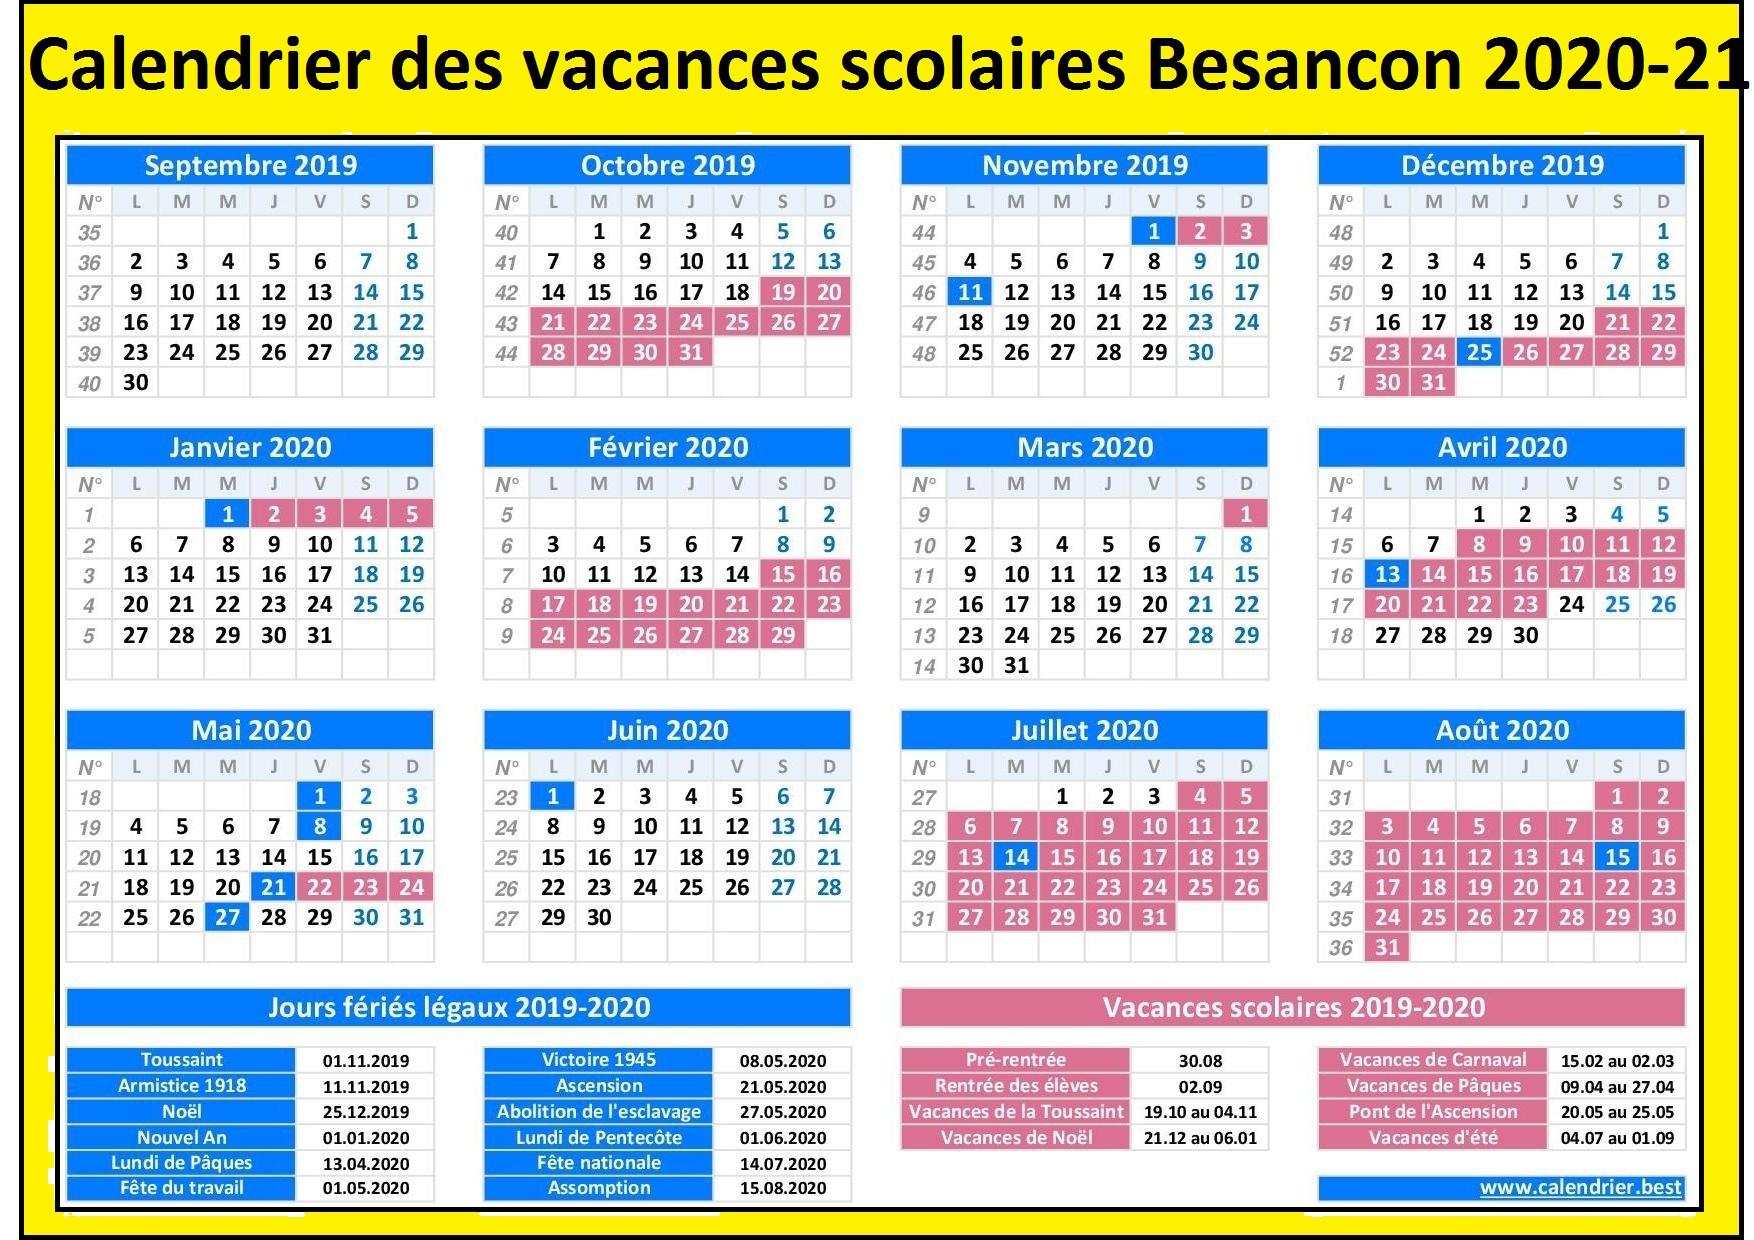 Besancon Calendrier scolaire 2020-2021 à Imprimer